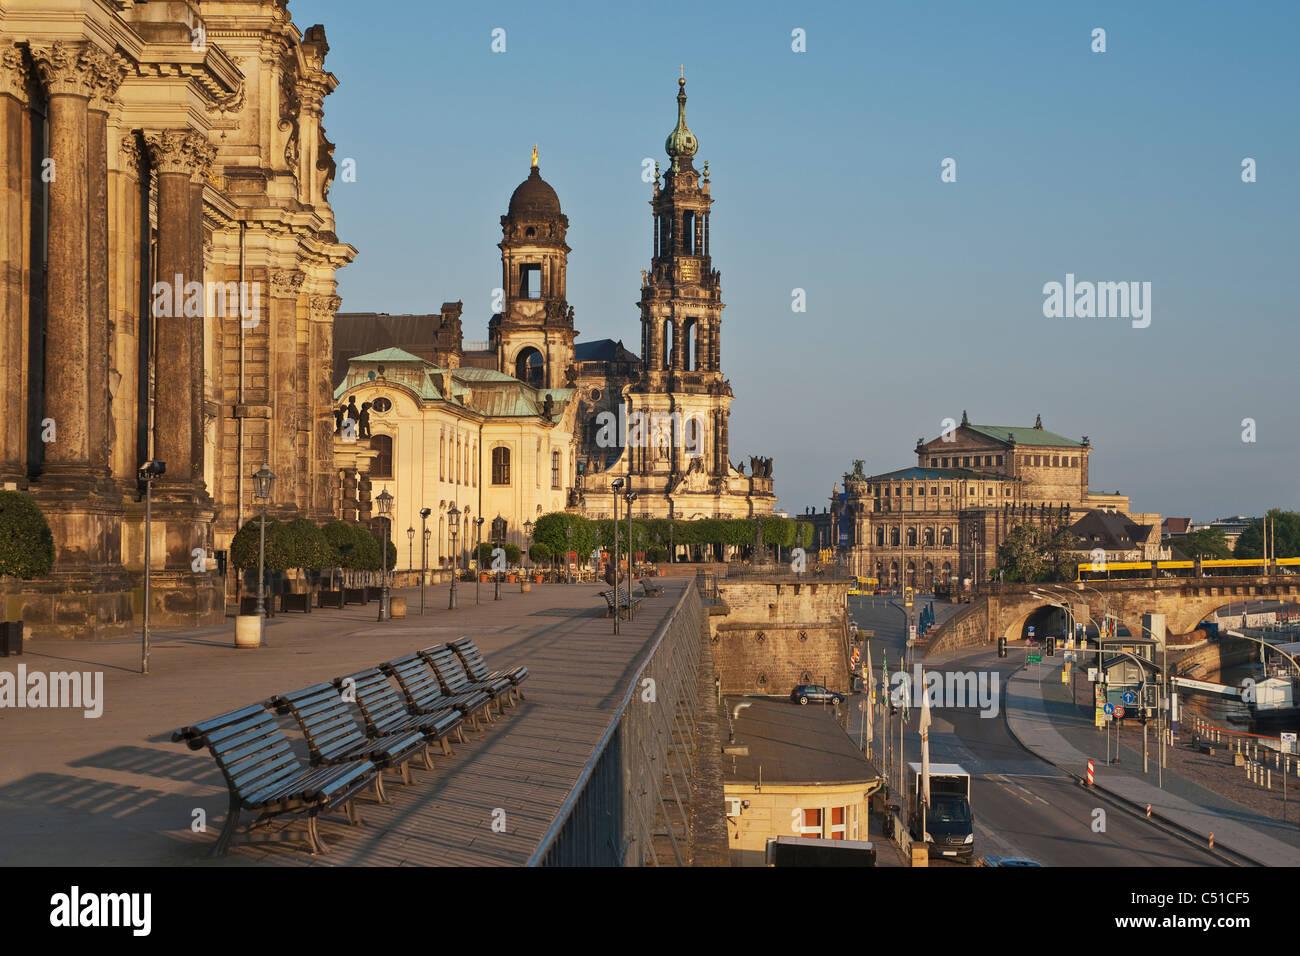 Bruhlsche Terrasse Dresden Der Bruhlschen Terrasse Dresden